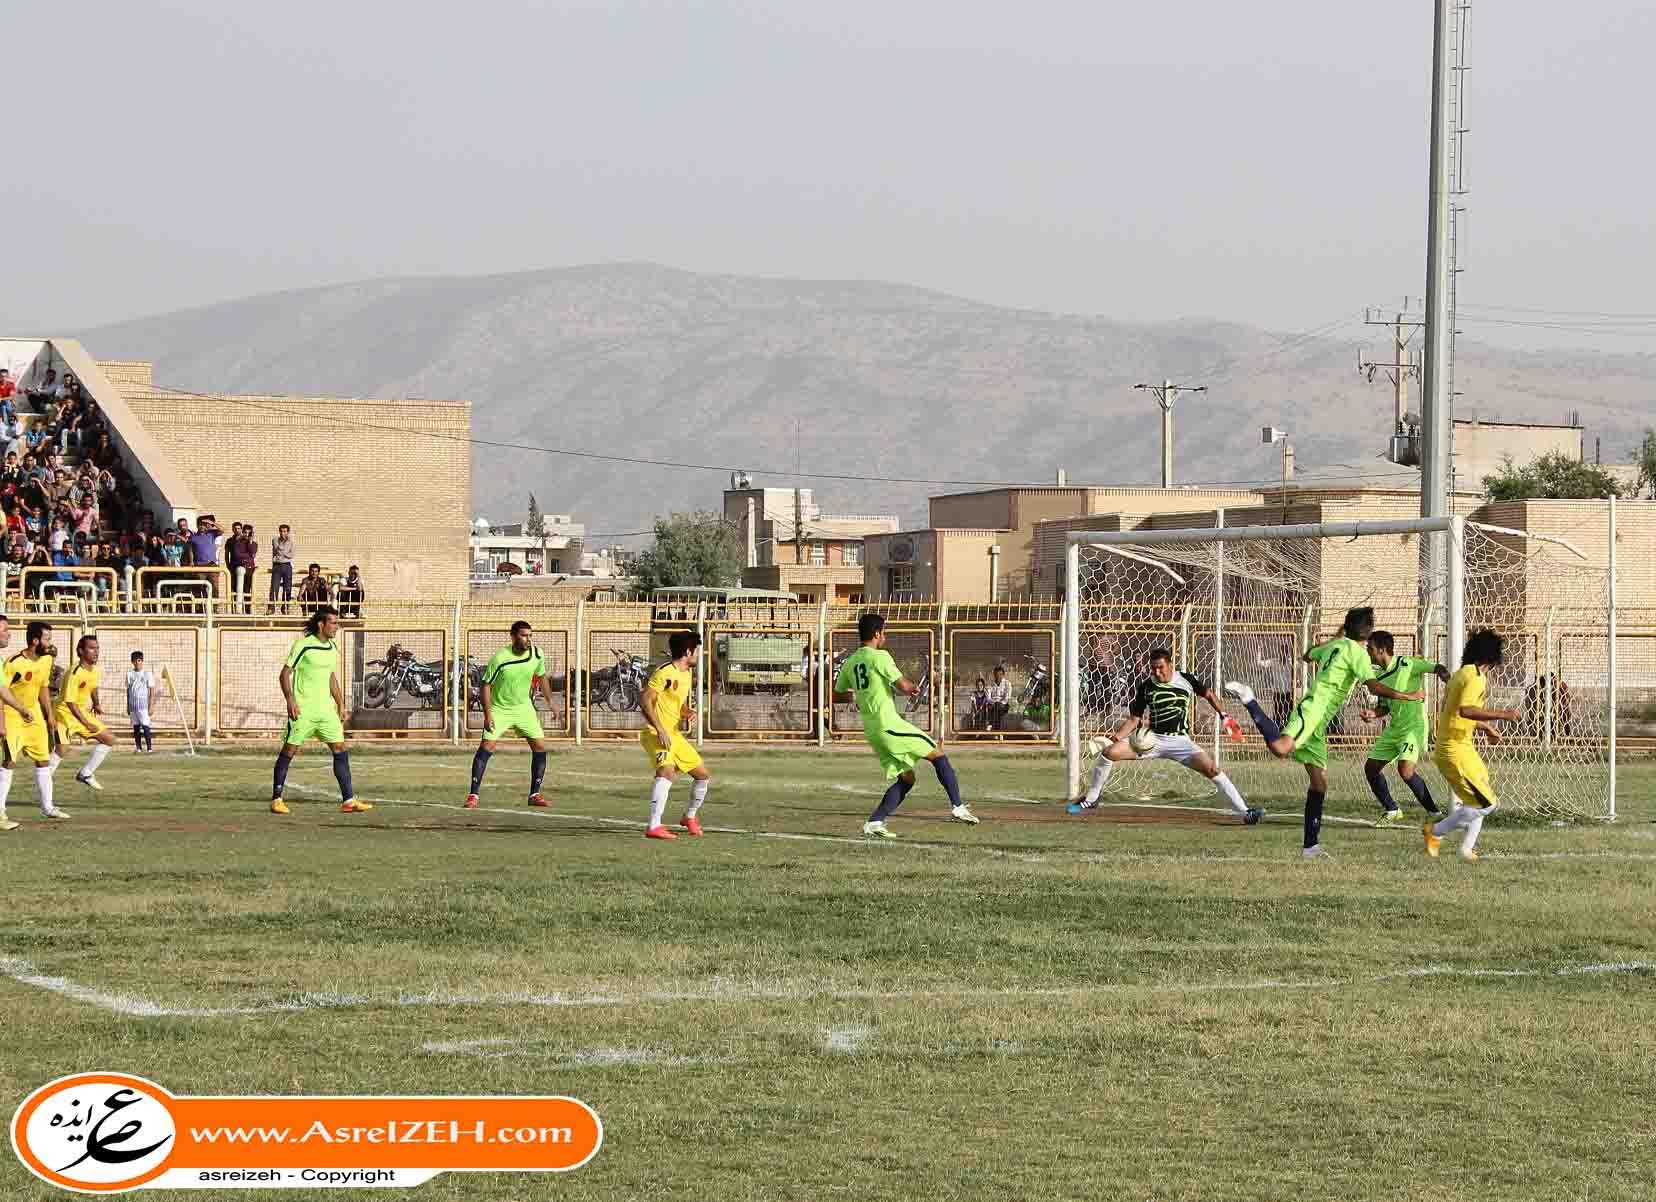 برد تیم منتخب لیگ برتریهای خوزستان برابر منتخب میلاد ایذه+گزارش کامل